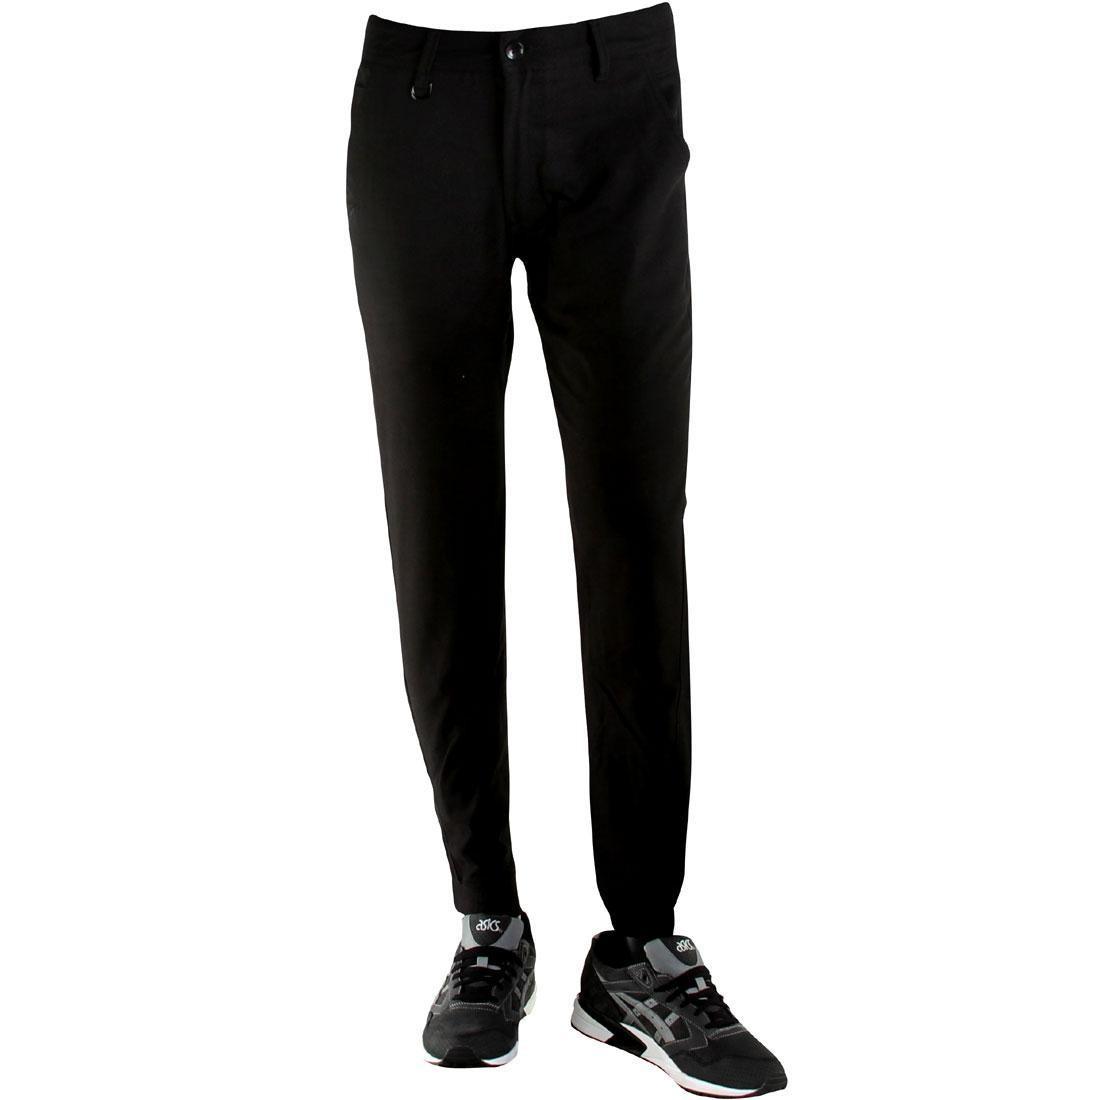 【海外限定】パブリッシュ パンツ ズボン 【 PUBLISH GELSTON TWILL JOGGER PANTS BLACK 】